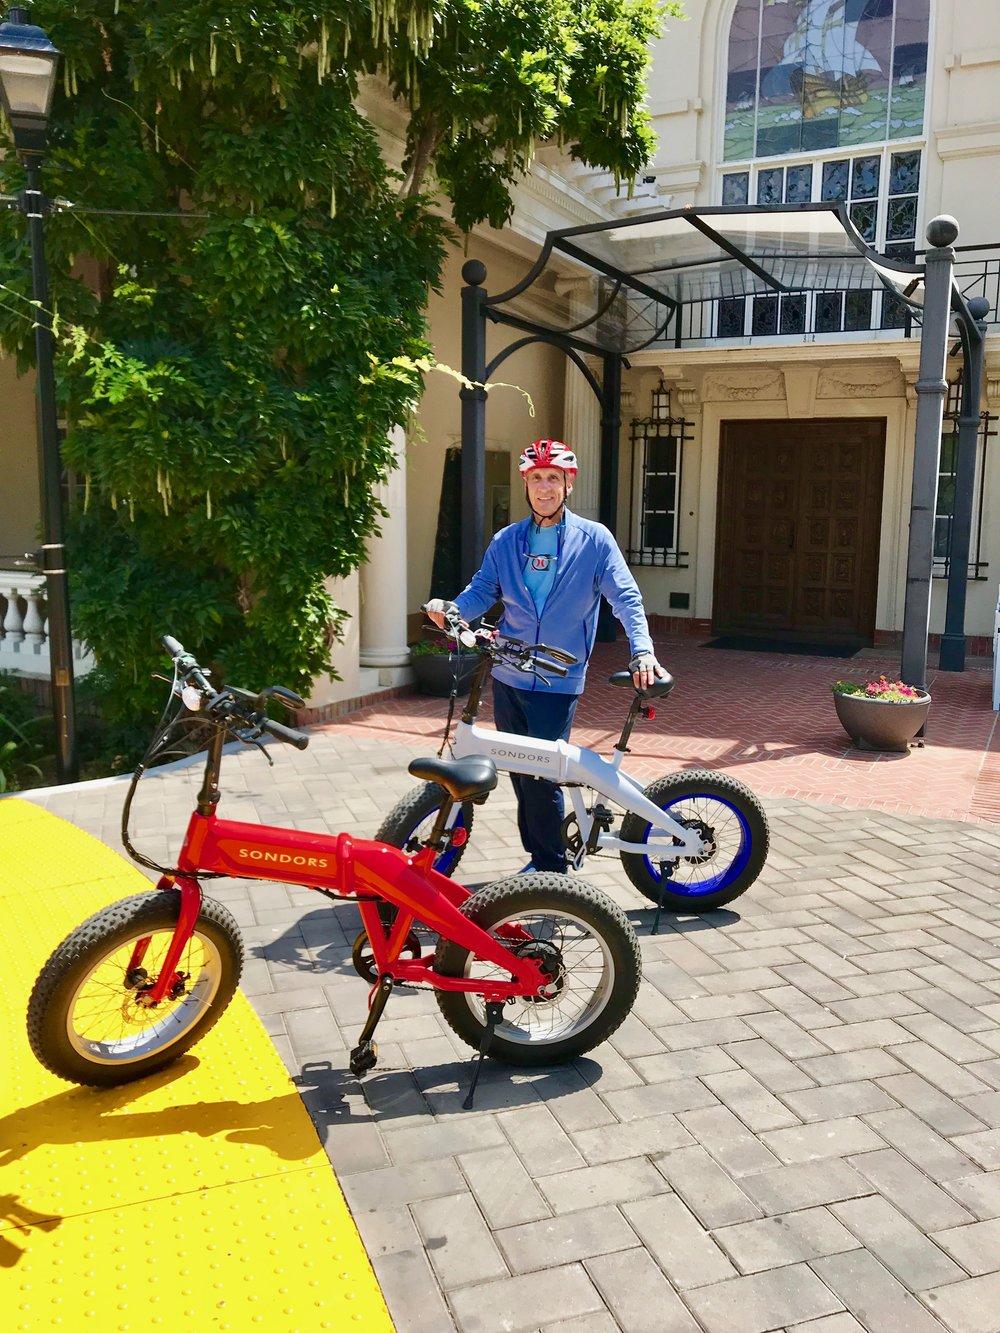 Den w two bikes & Yellow Strip.jpg*.jpg